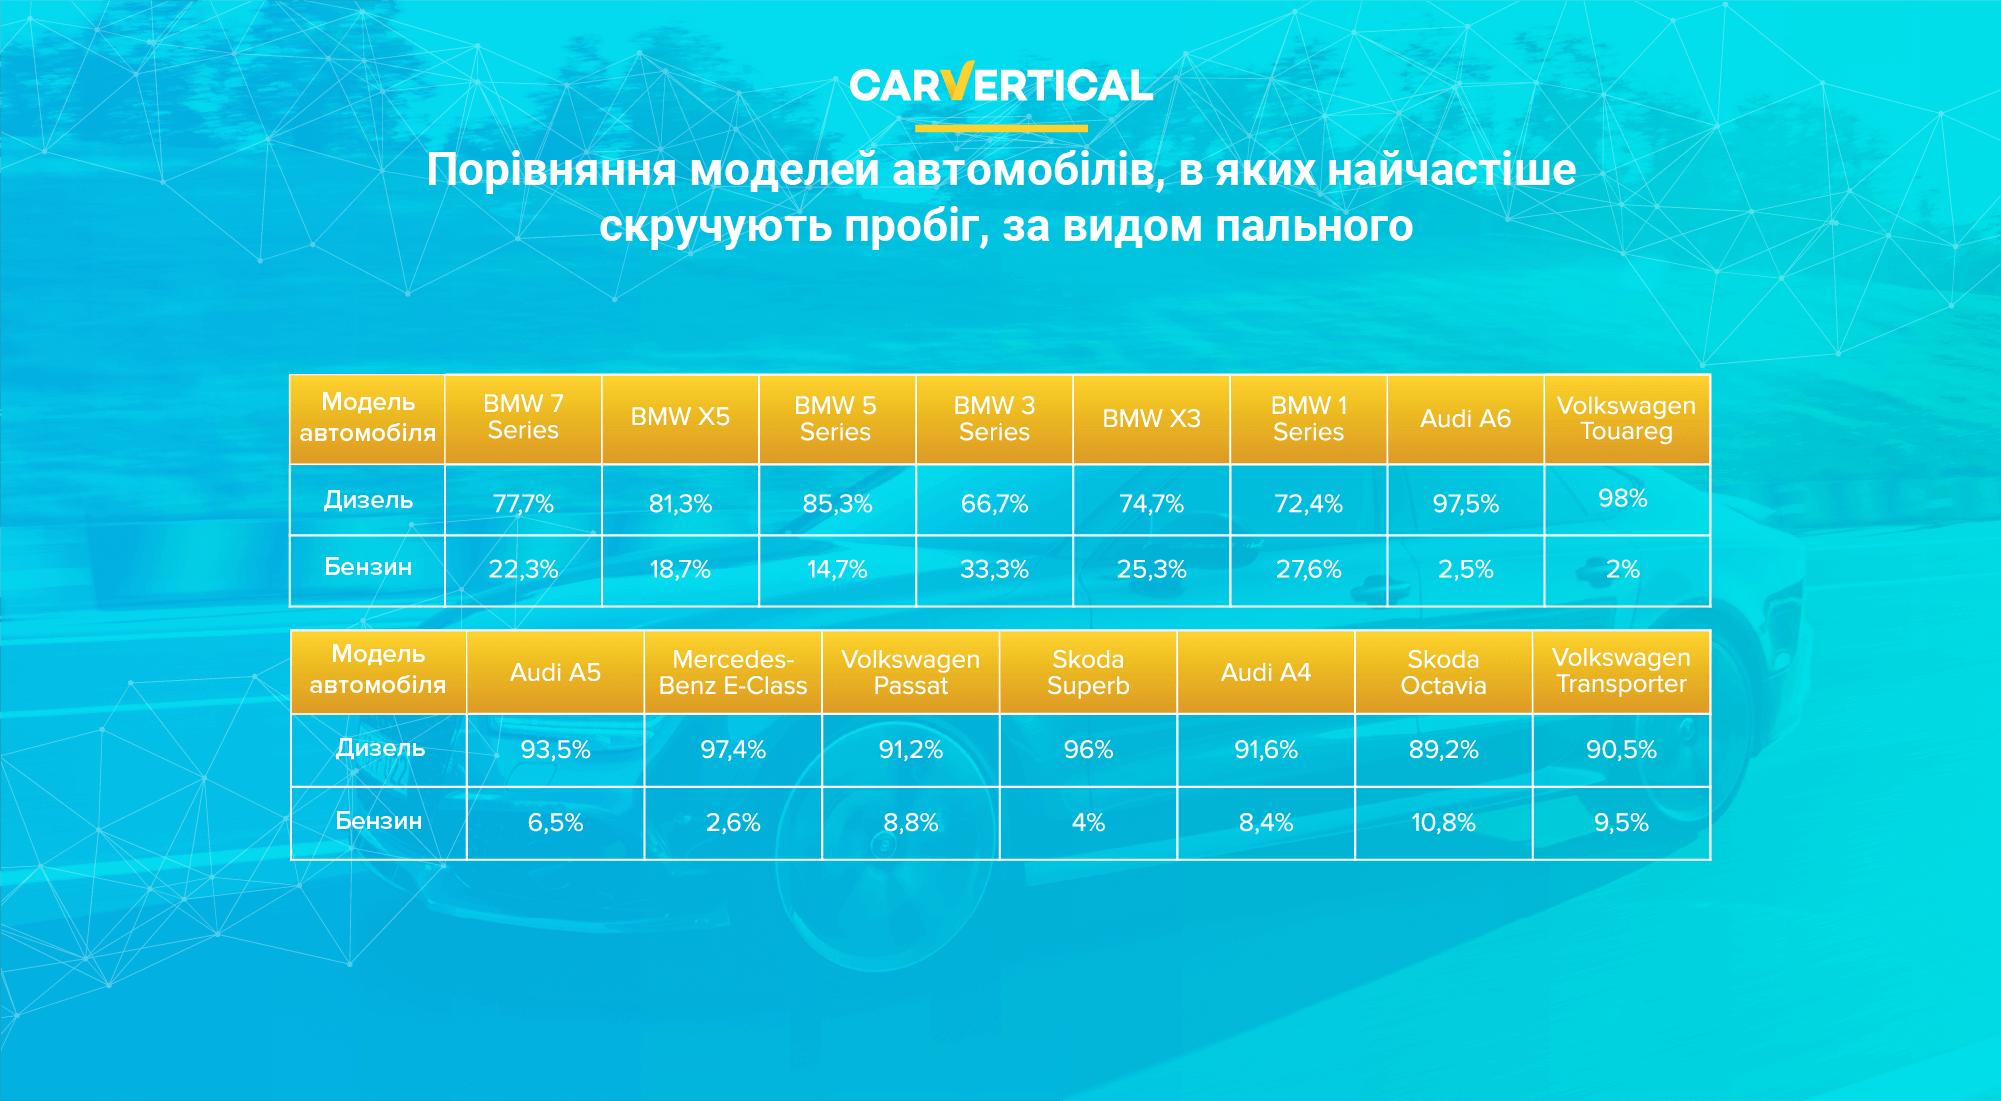 Порівняння моделей автомобілів, в яких найчастіше скручують пробіг, за видом пального